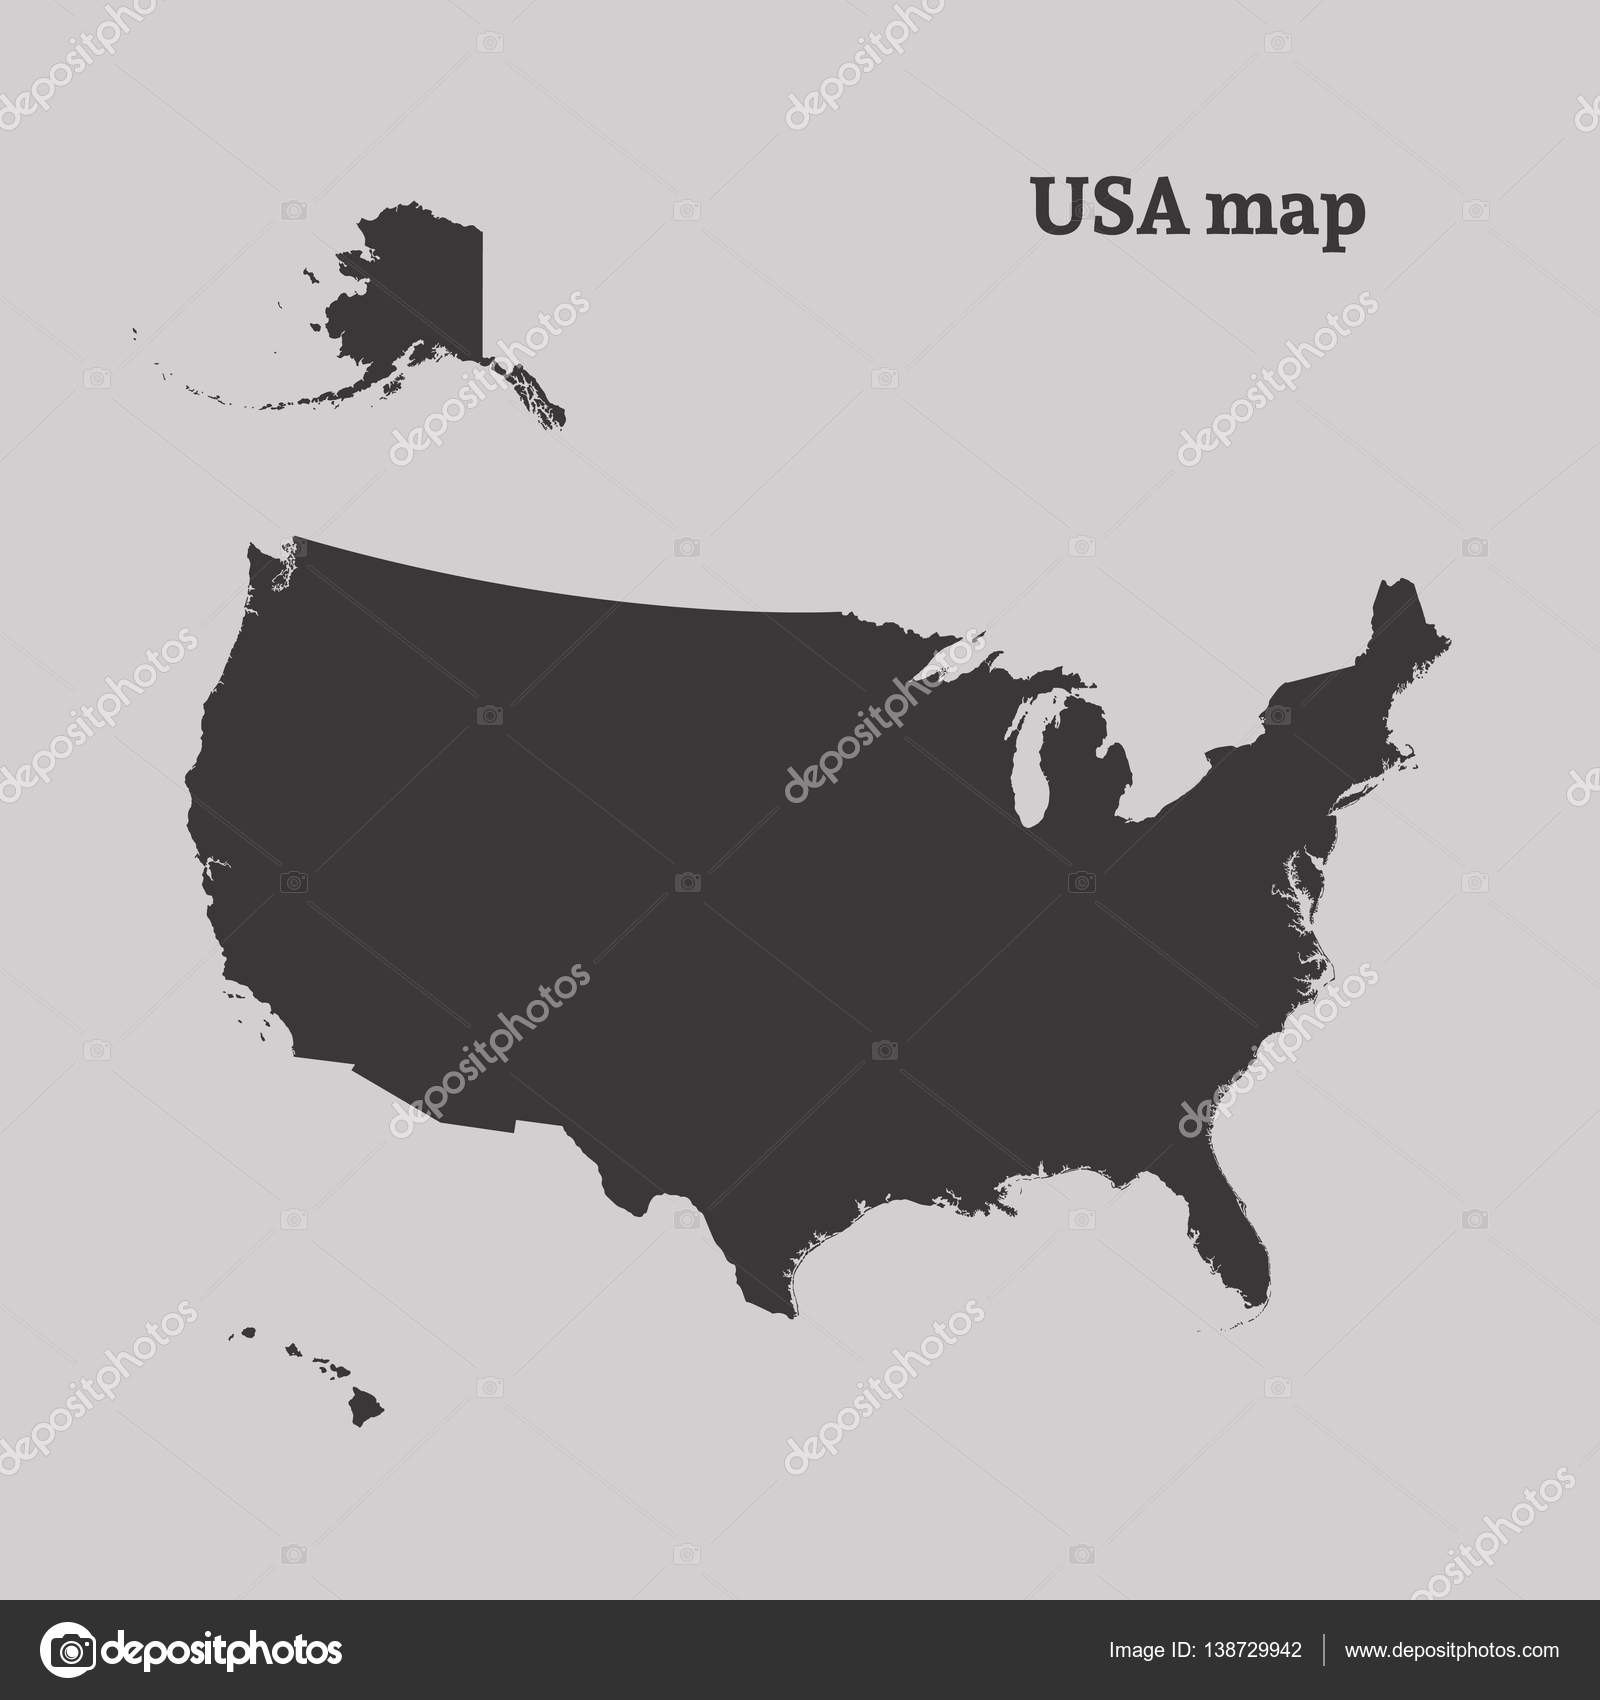 Cartina Muta Degli Stati Uniti.Cartina Muta Degli Stati Uniti Illustrazione Vettoriale